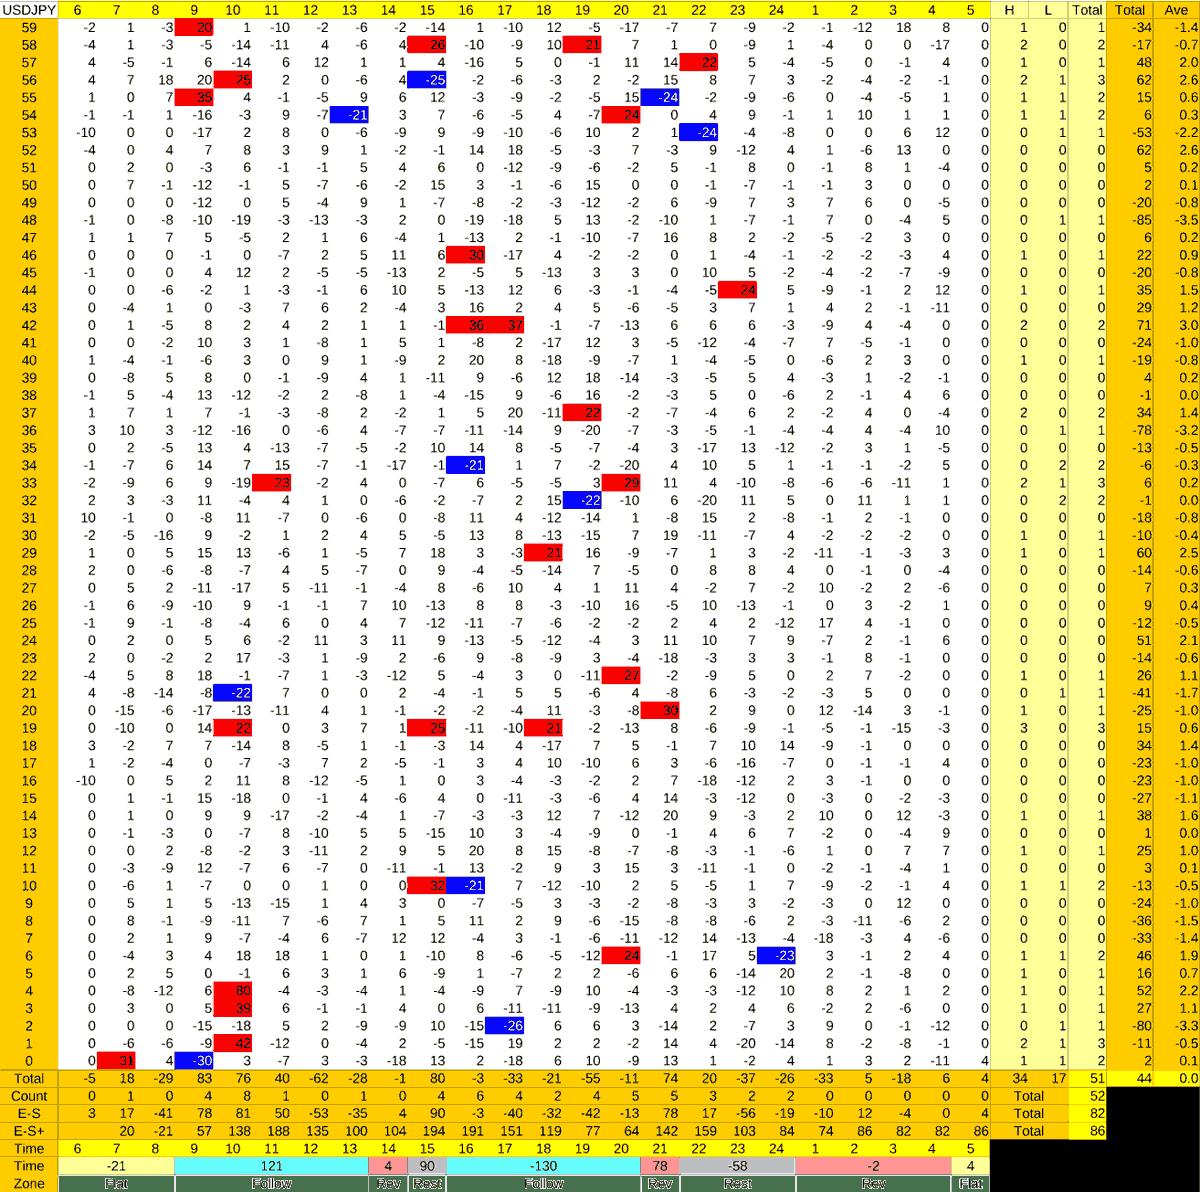 20210416_HS(1)USDJPY